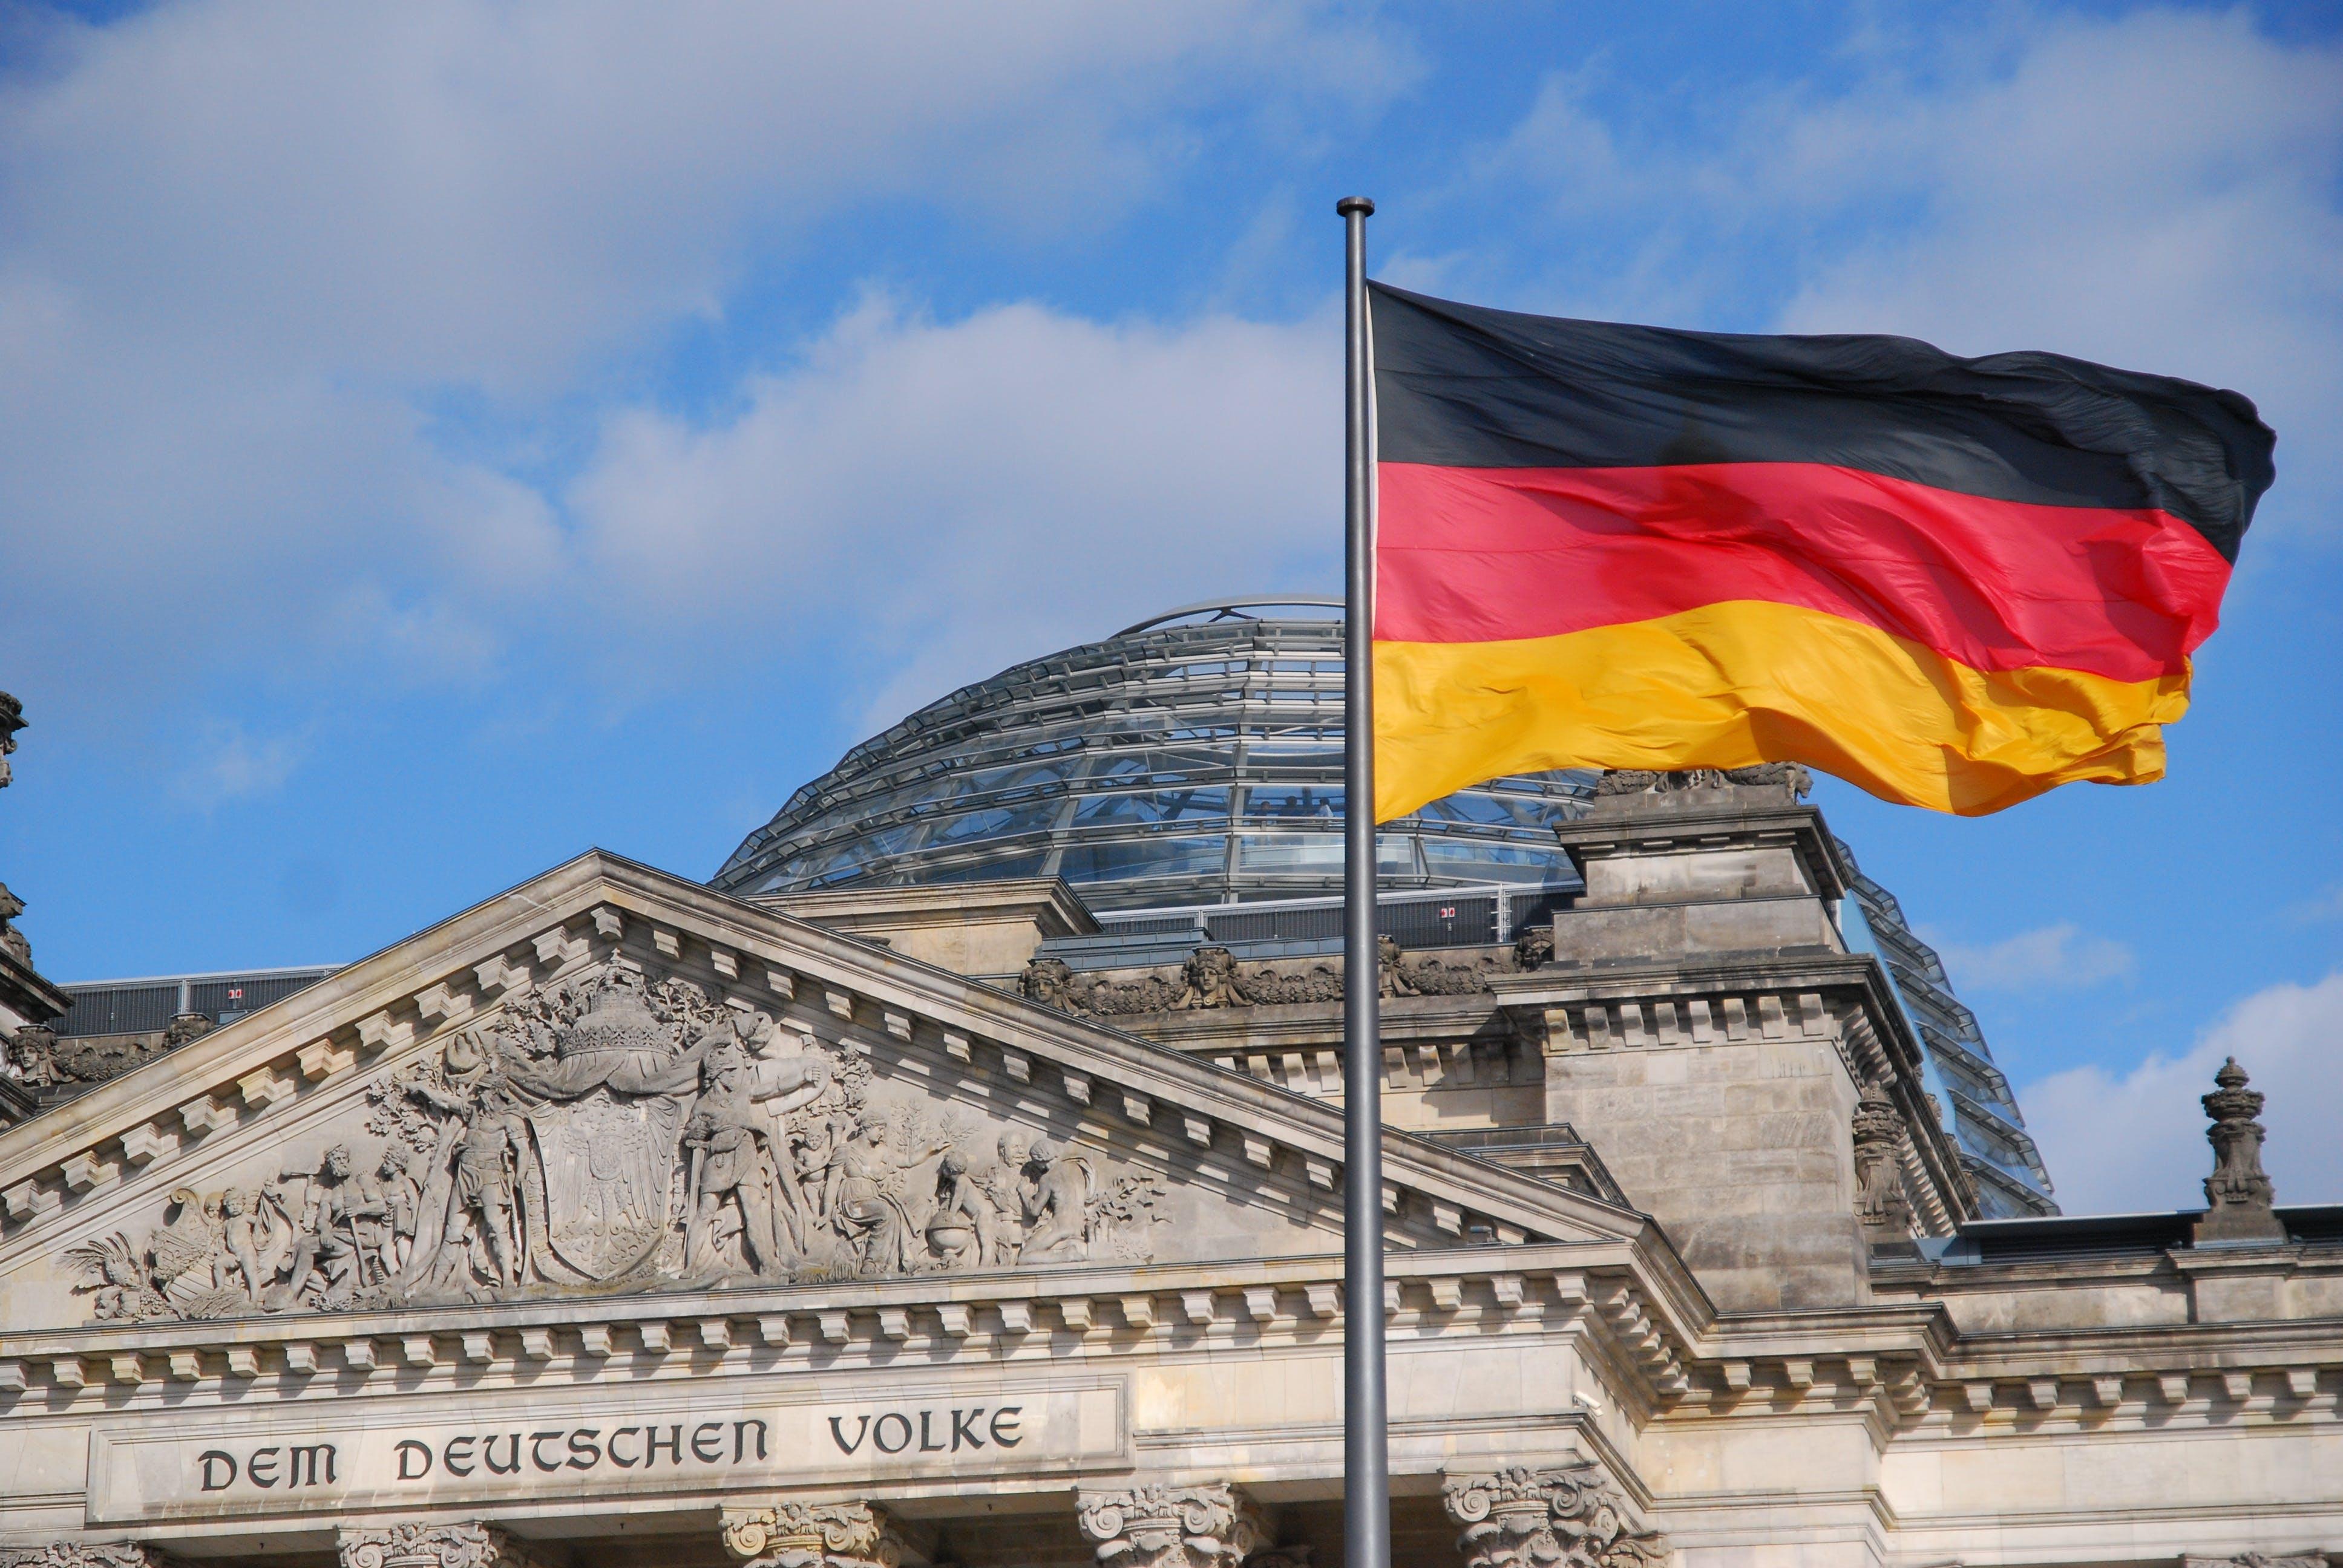 Reichstag-Berlin-Deutschland-Fahne-Flagge-1358937-pixabay-tvjoern